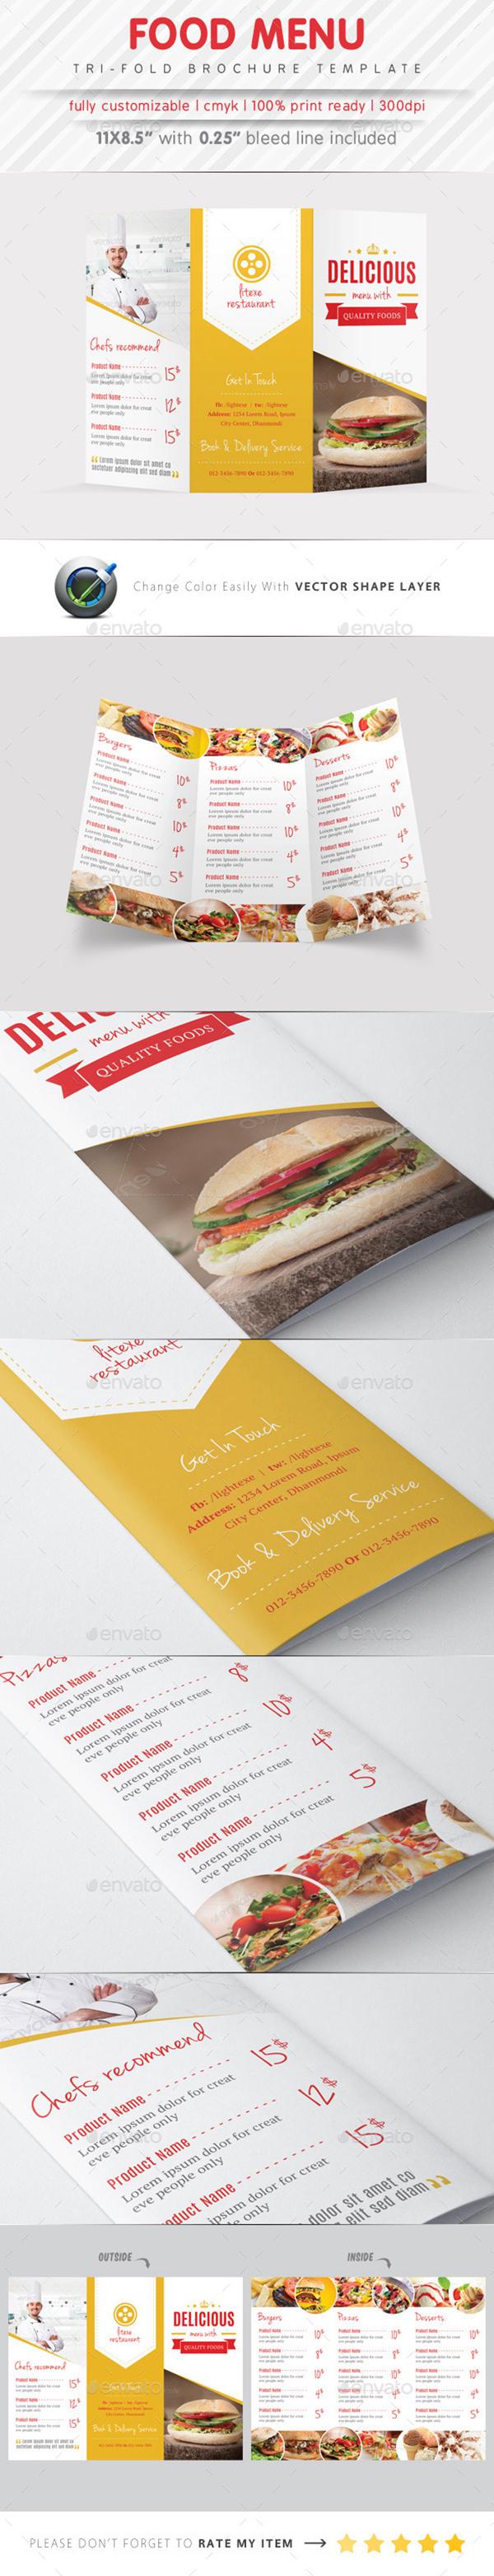 食品菜单三折叠手册 - 详情页面 - psdmac